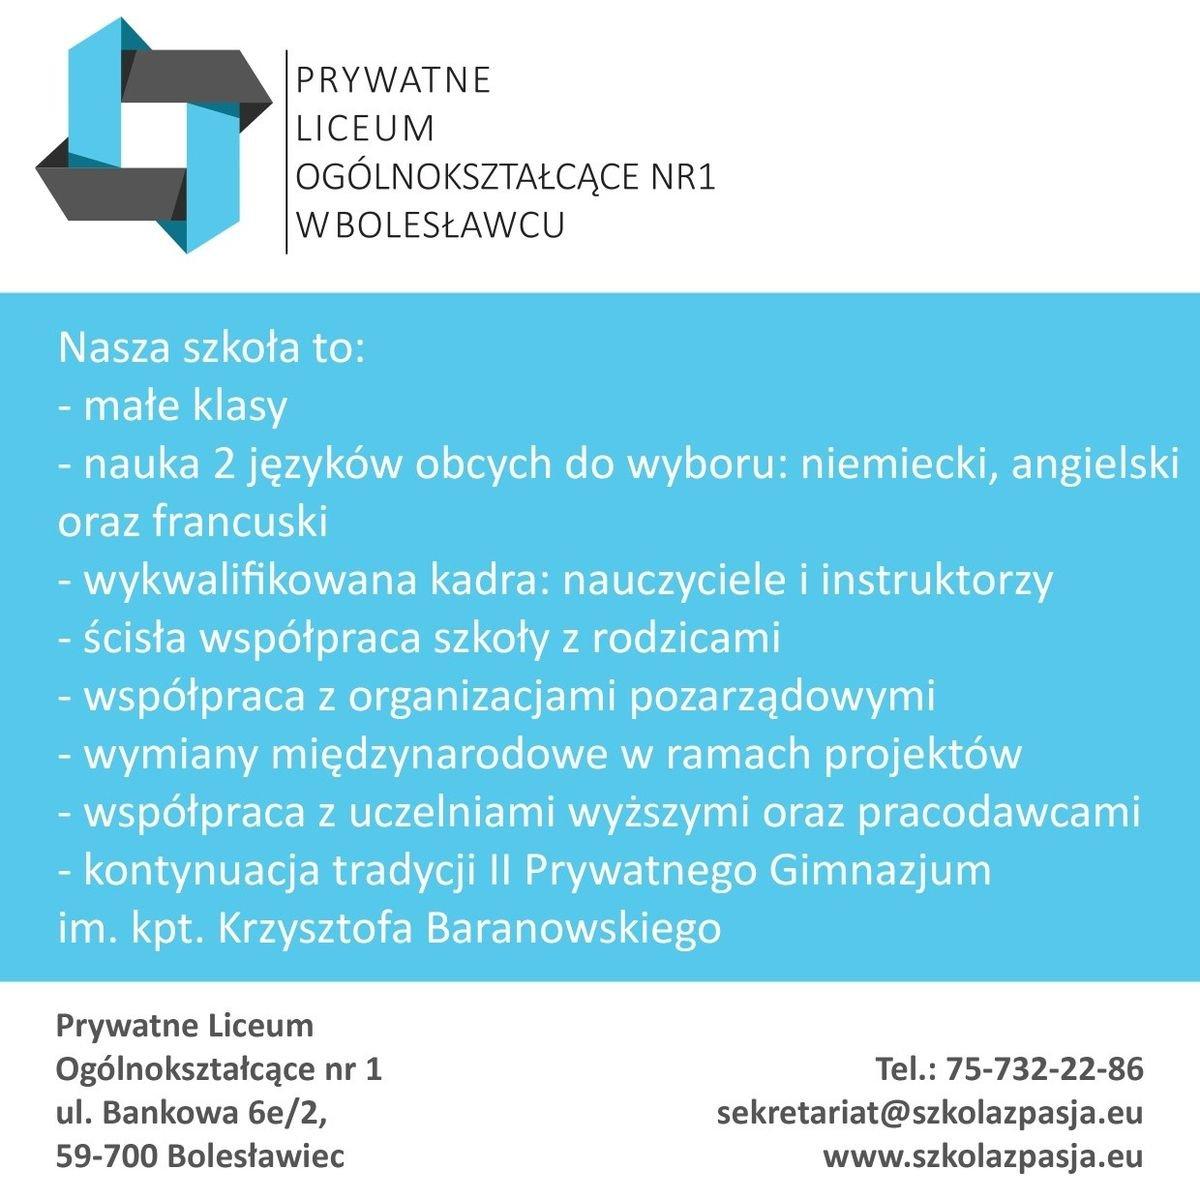 Prywatne Liceum Ogólnokształcące w Bolesławcu